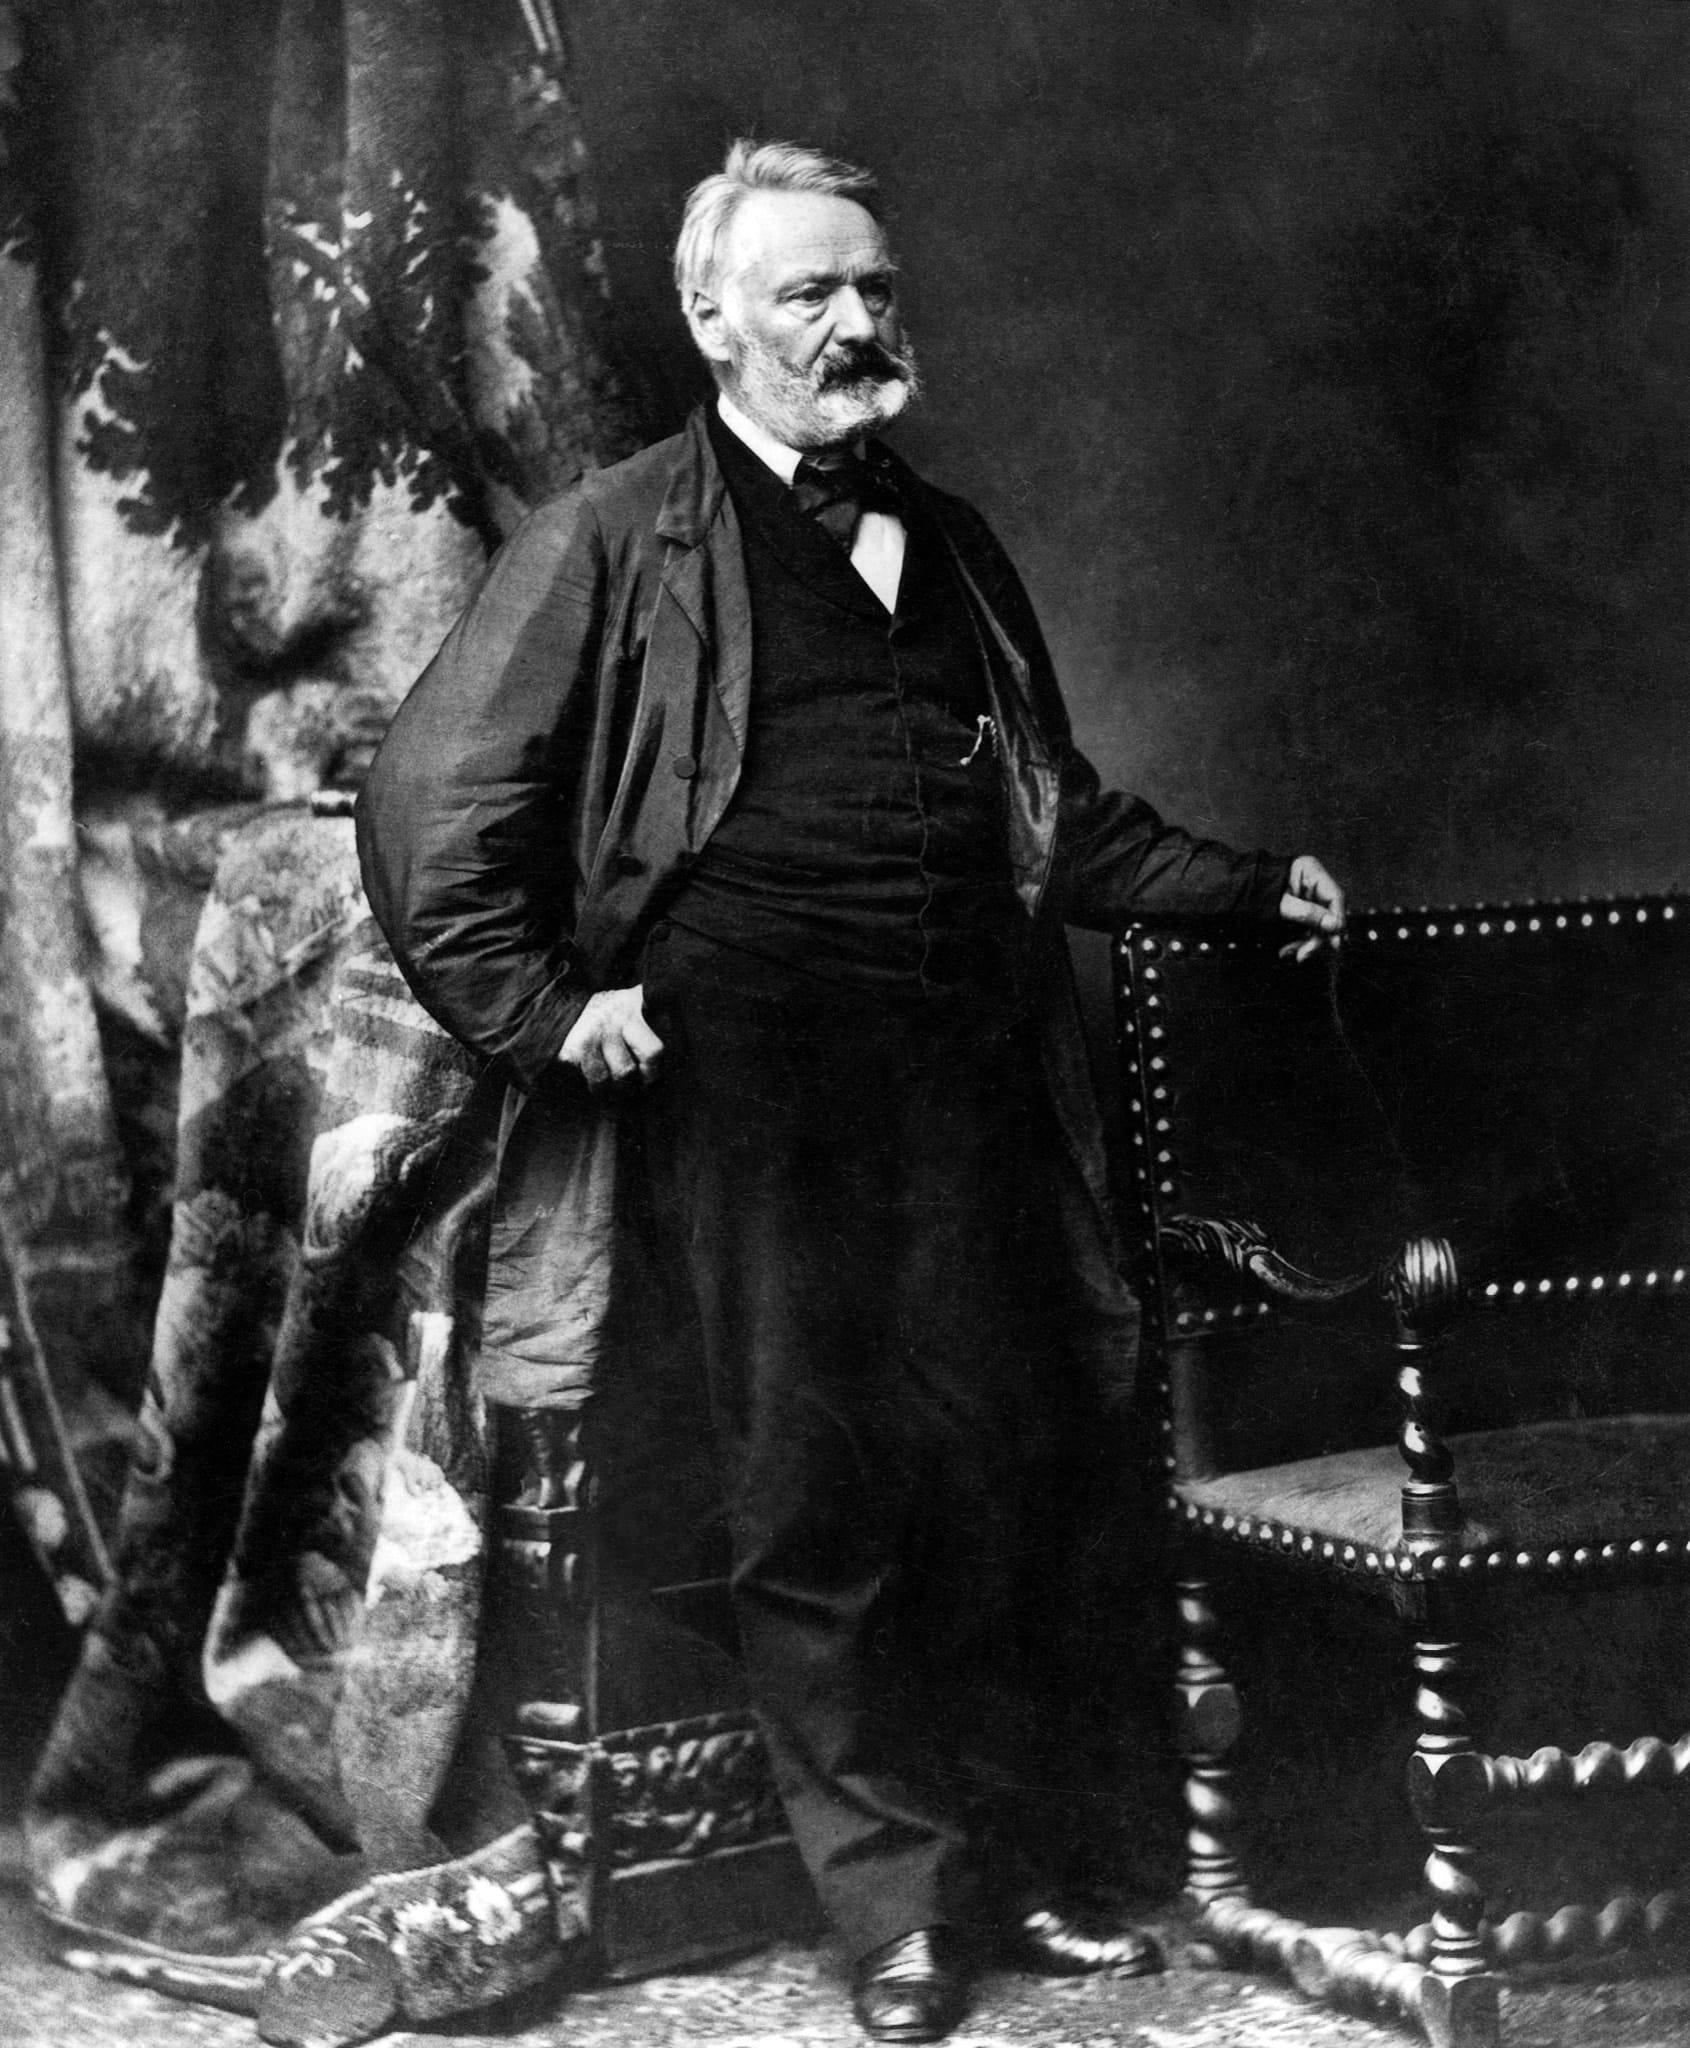 Victor Hugo, un siècle en révolutions de Jacques Lœuille image documentaire